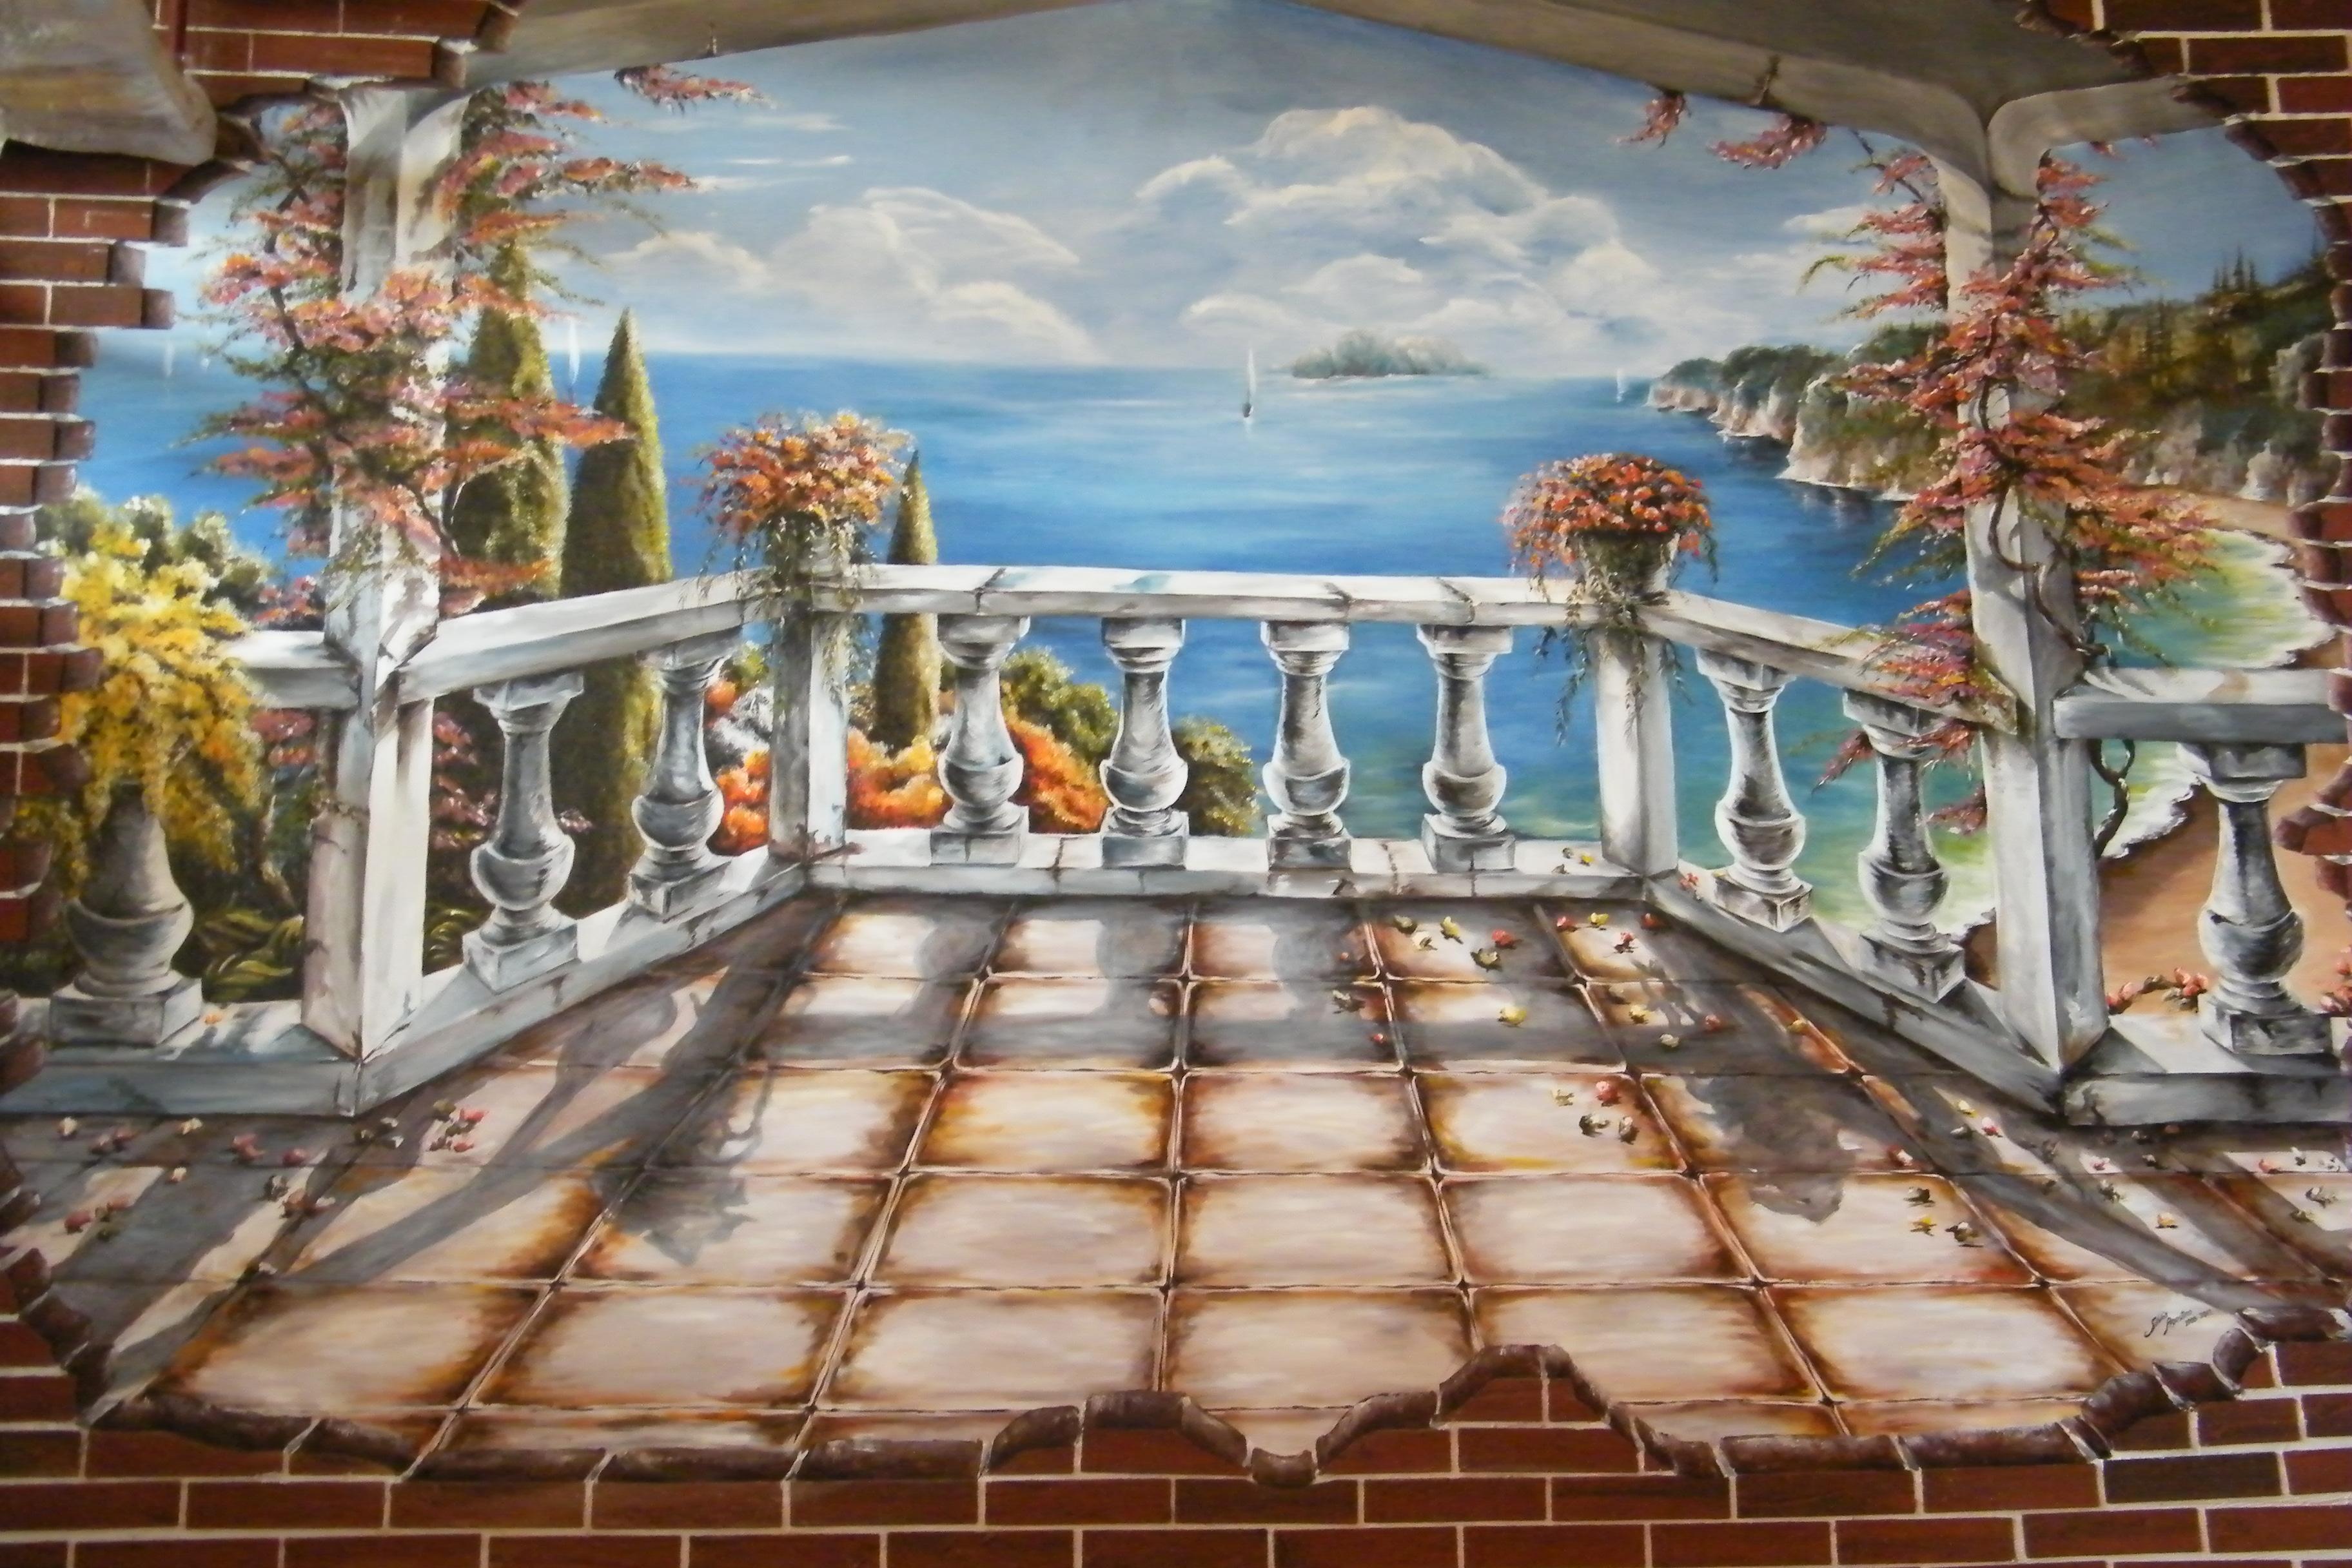 Best La Terrazza Sul Lago Bracciano Photos - Idee Arredamento Casa ...